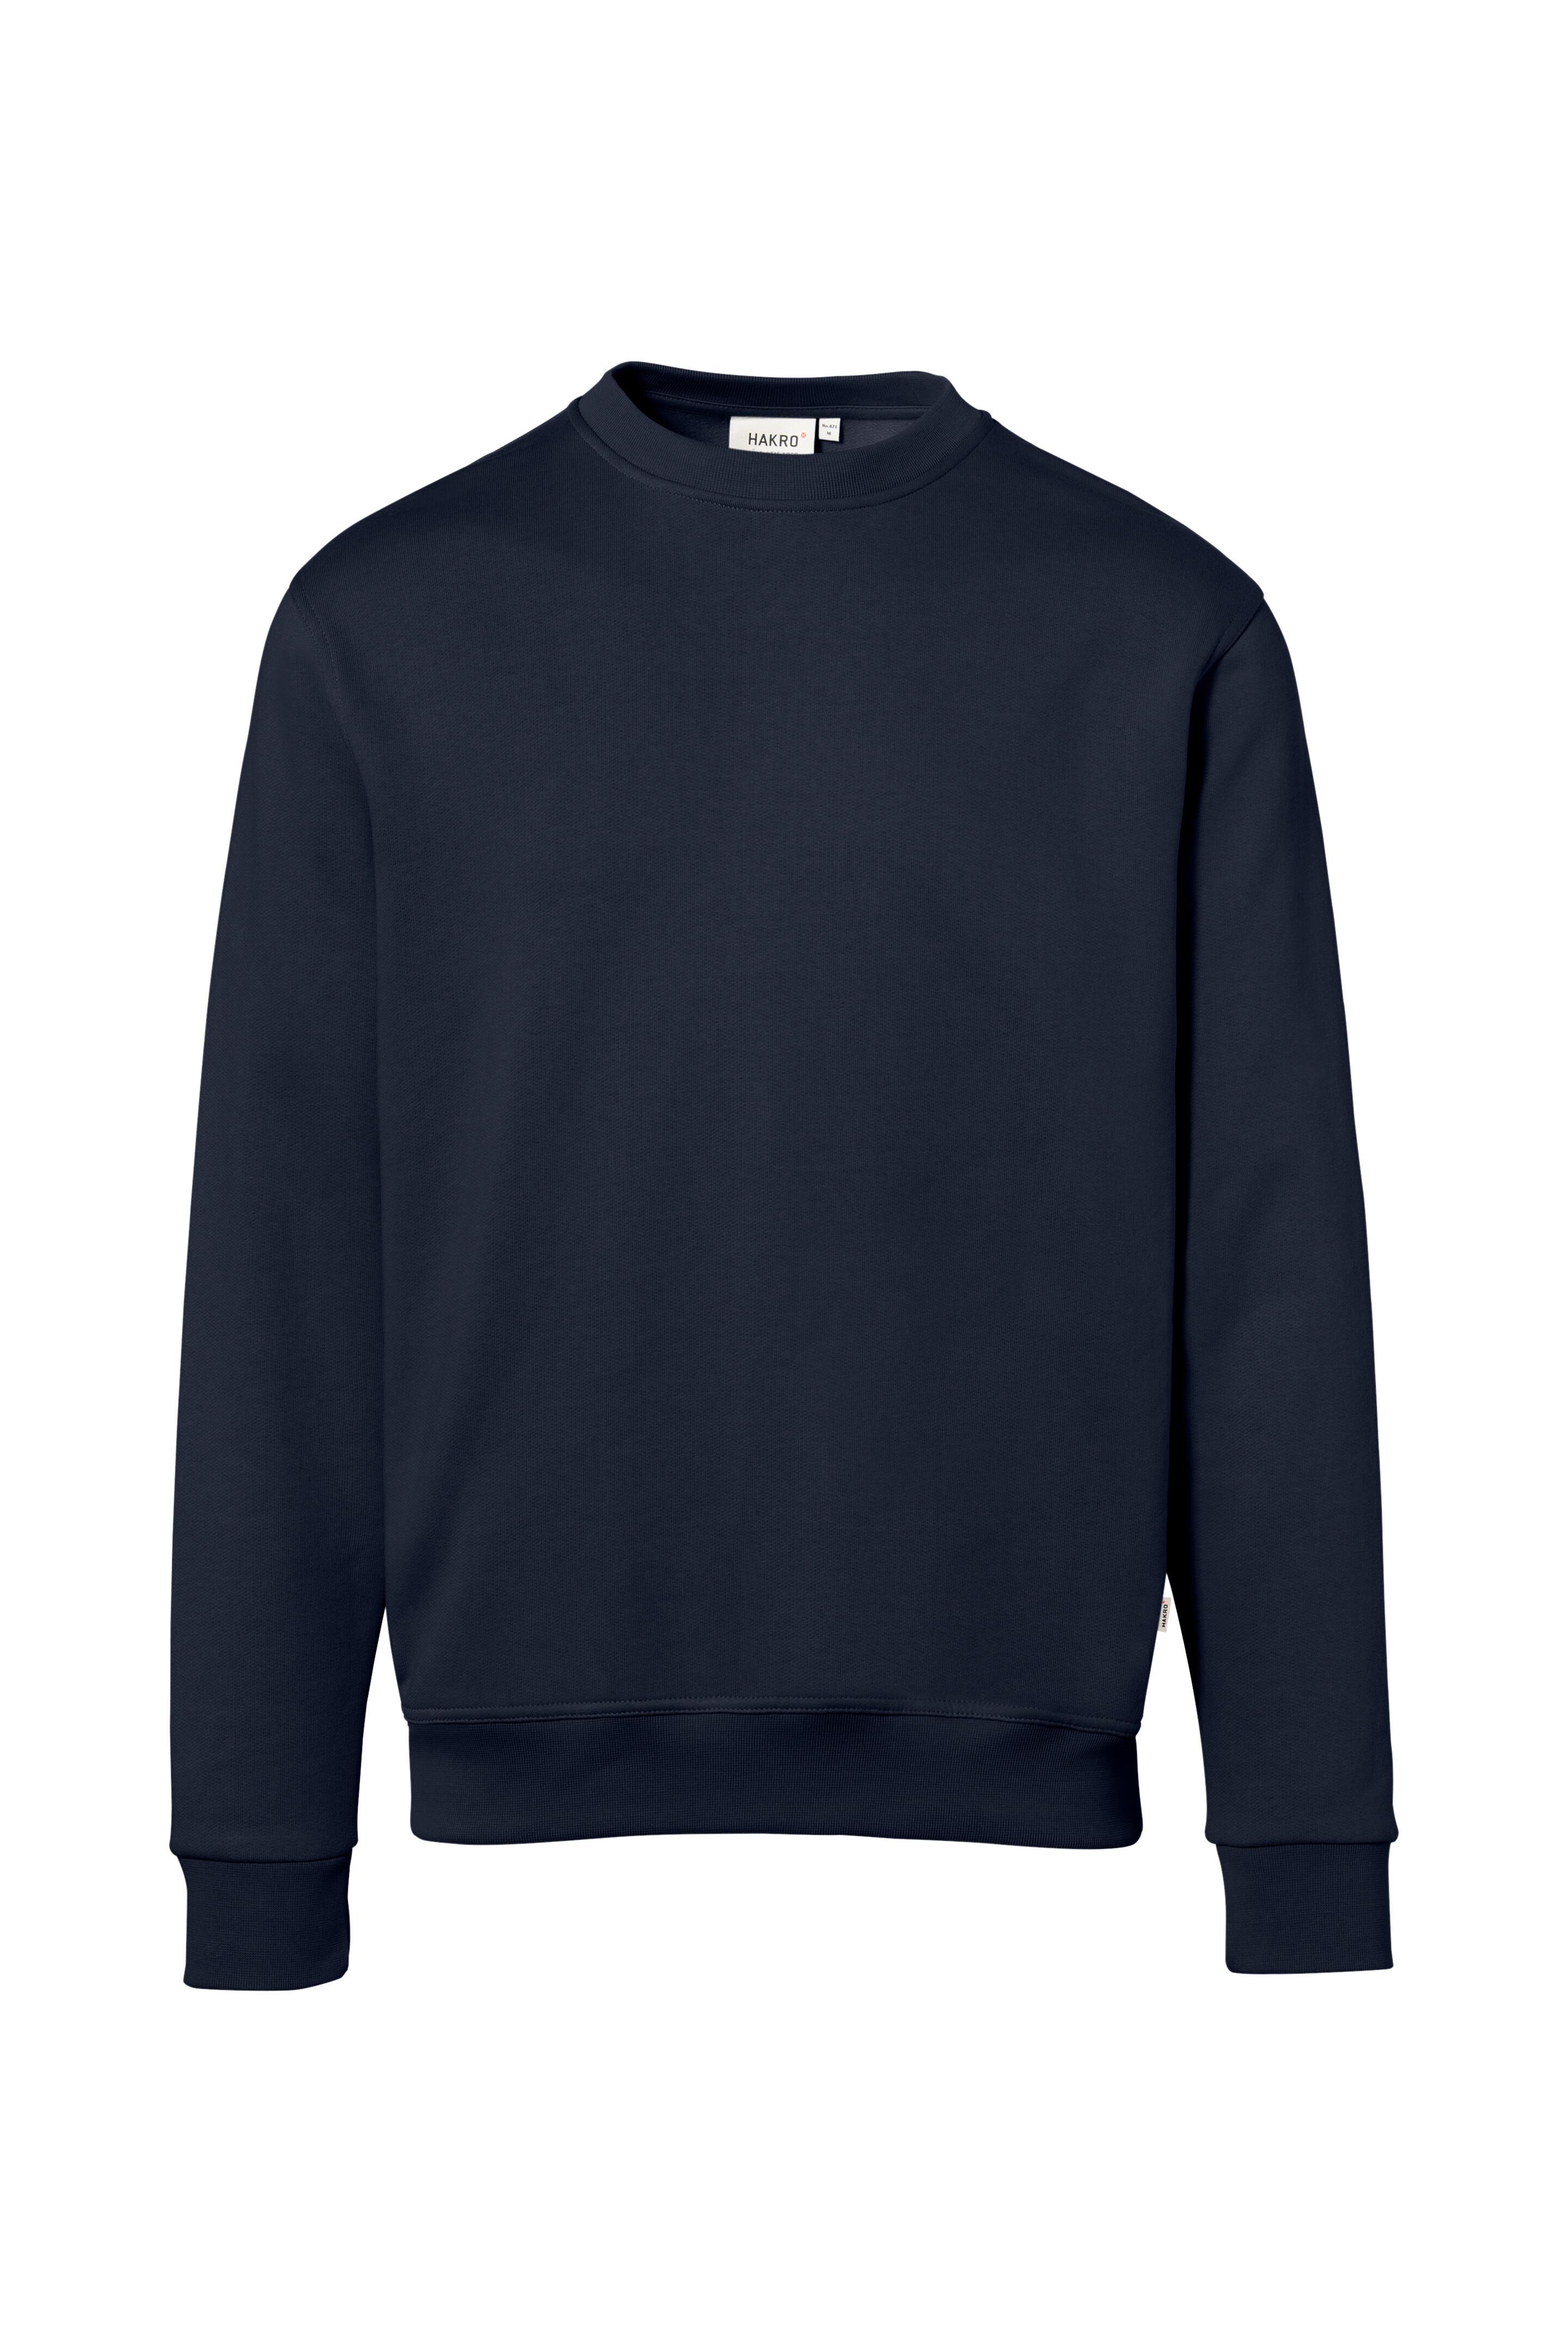 Sweatshirt, tinte, EH